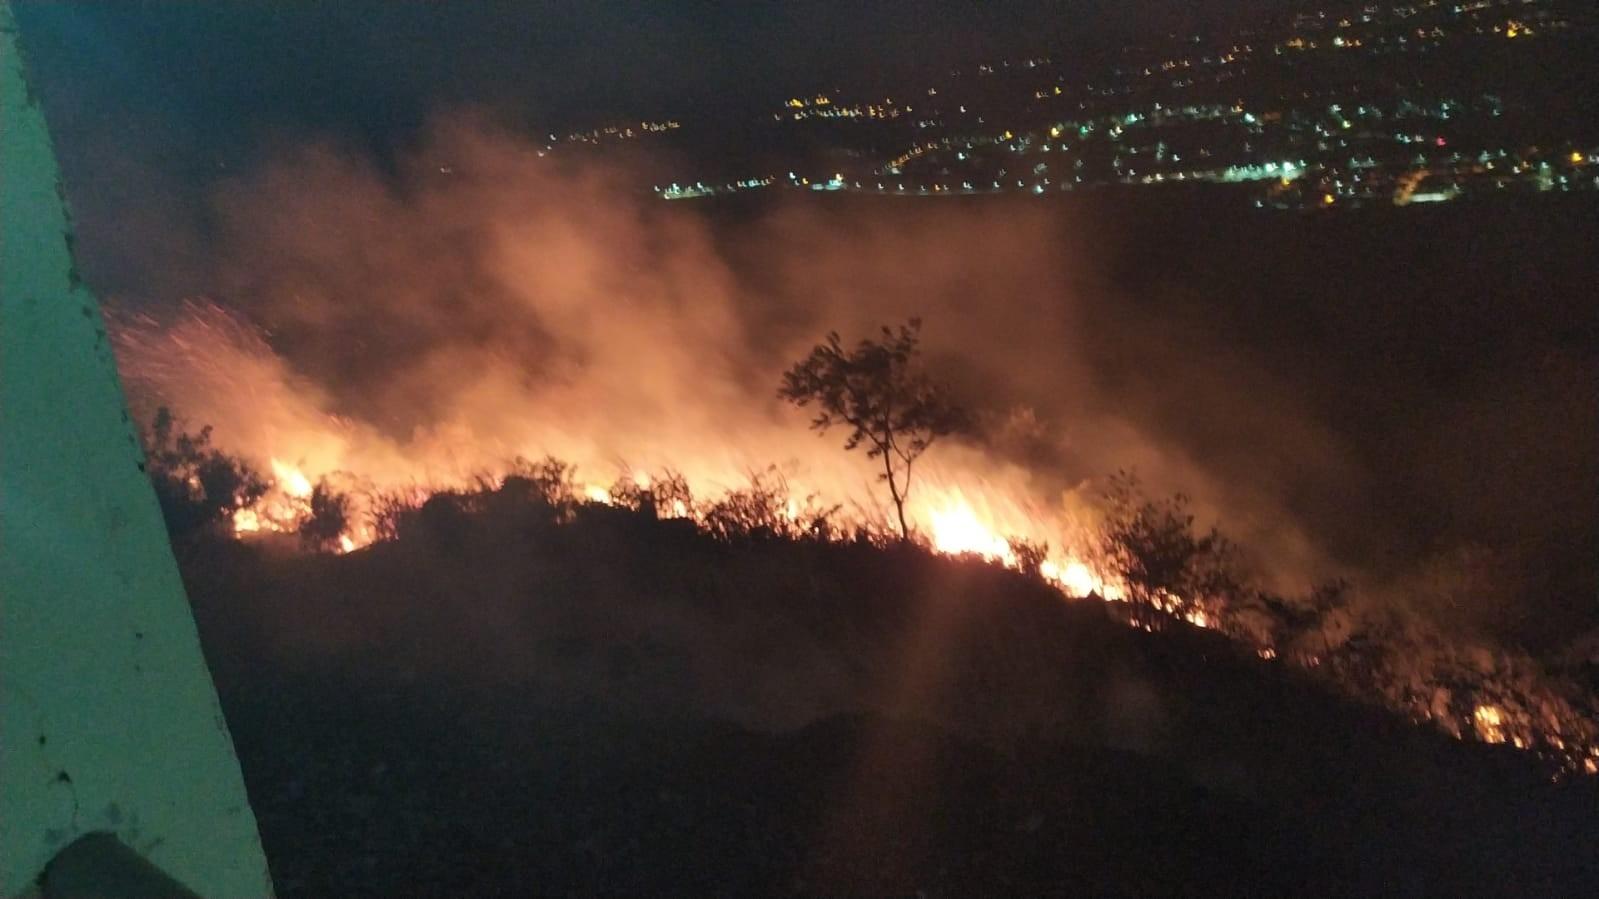 Incêndio atinge vegetação nas proximidades do Horto do Padre Cícero, em Juazeiro do Norte; vídeo